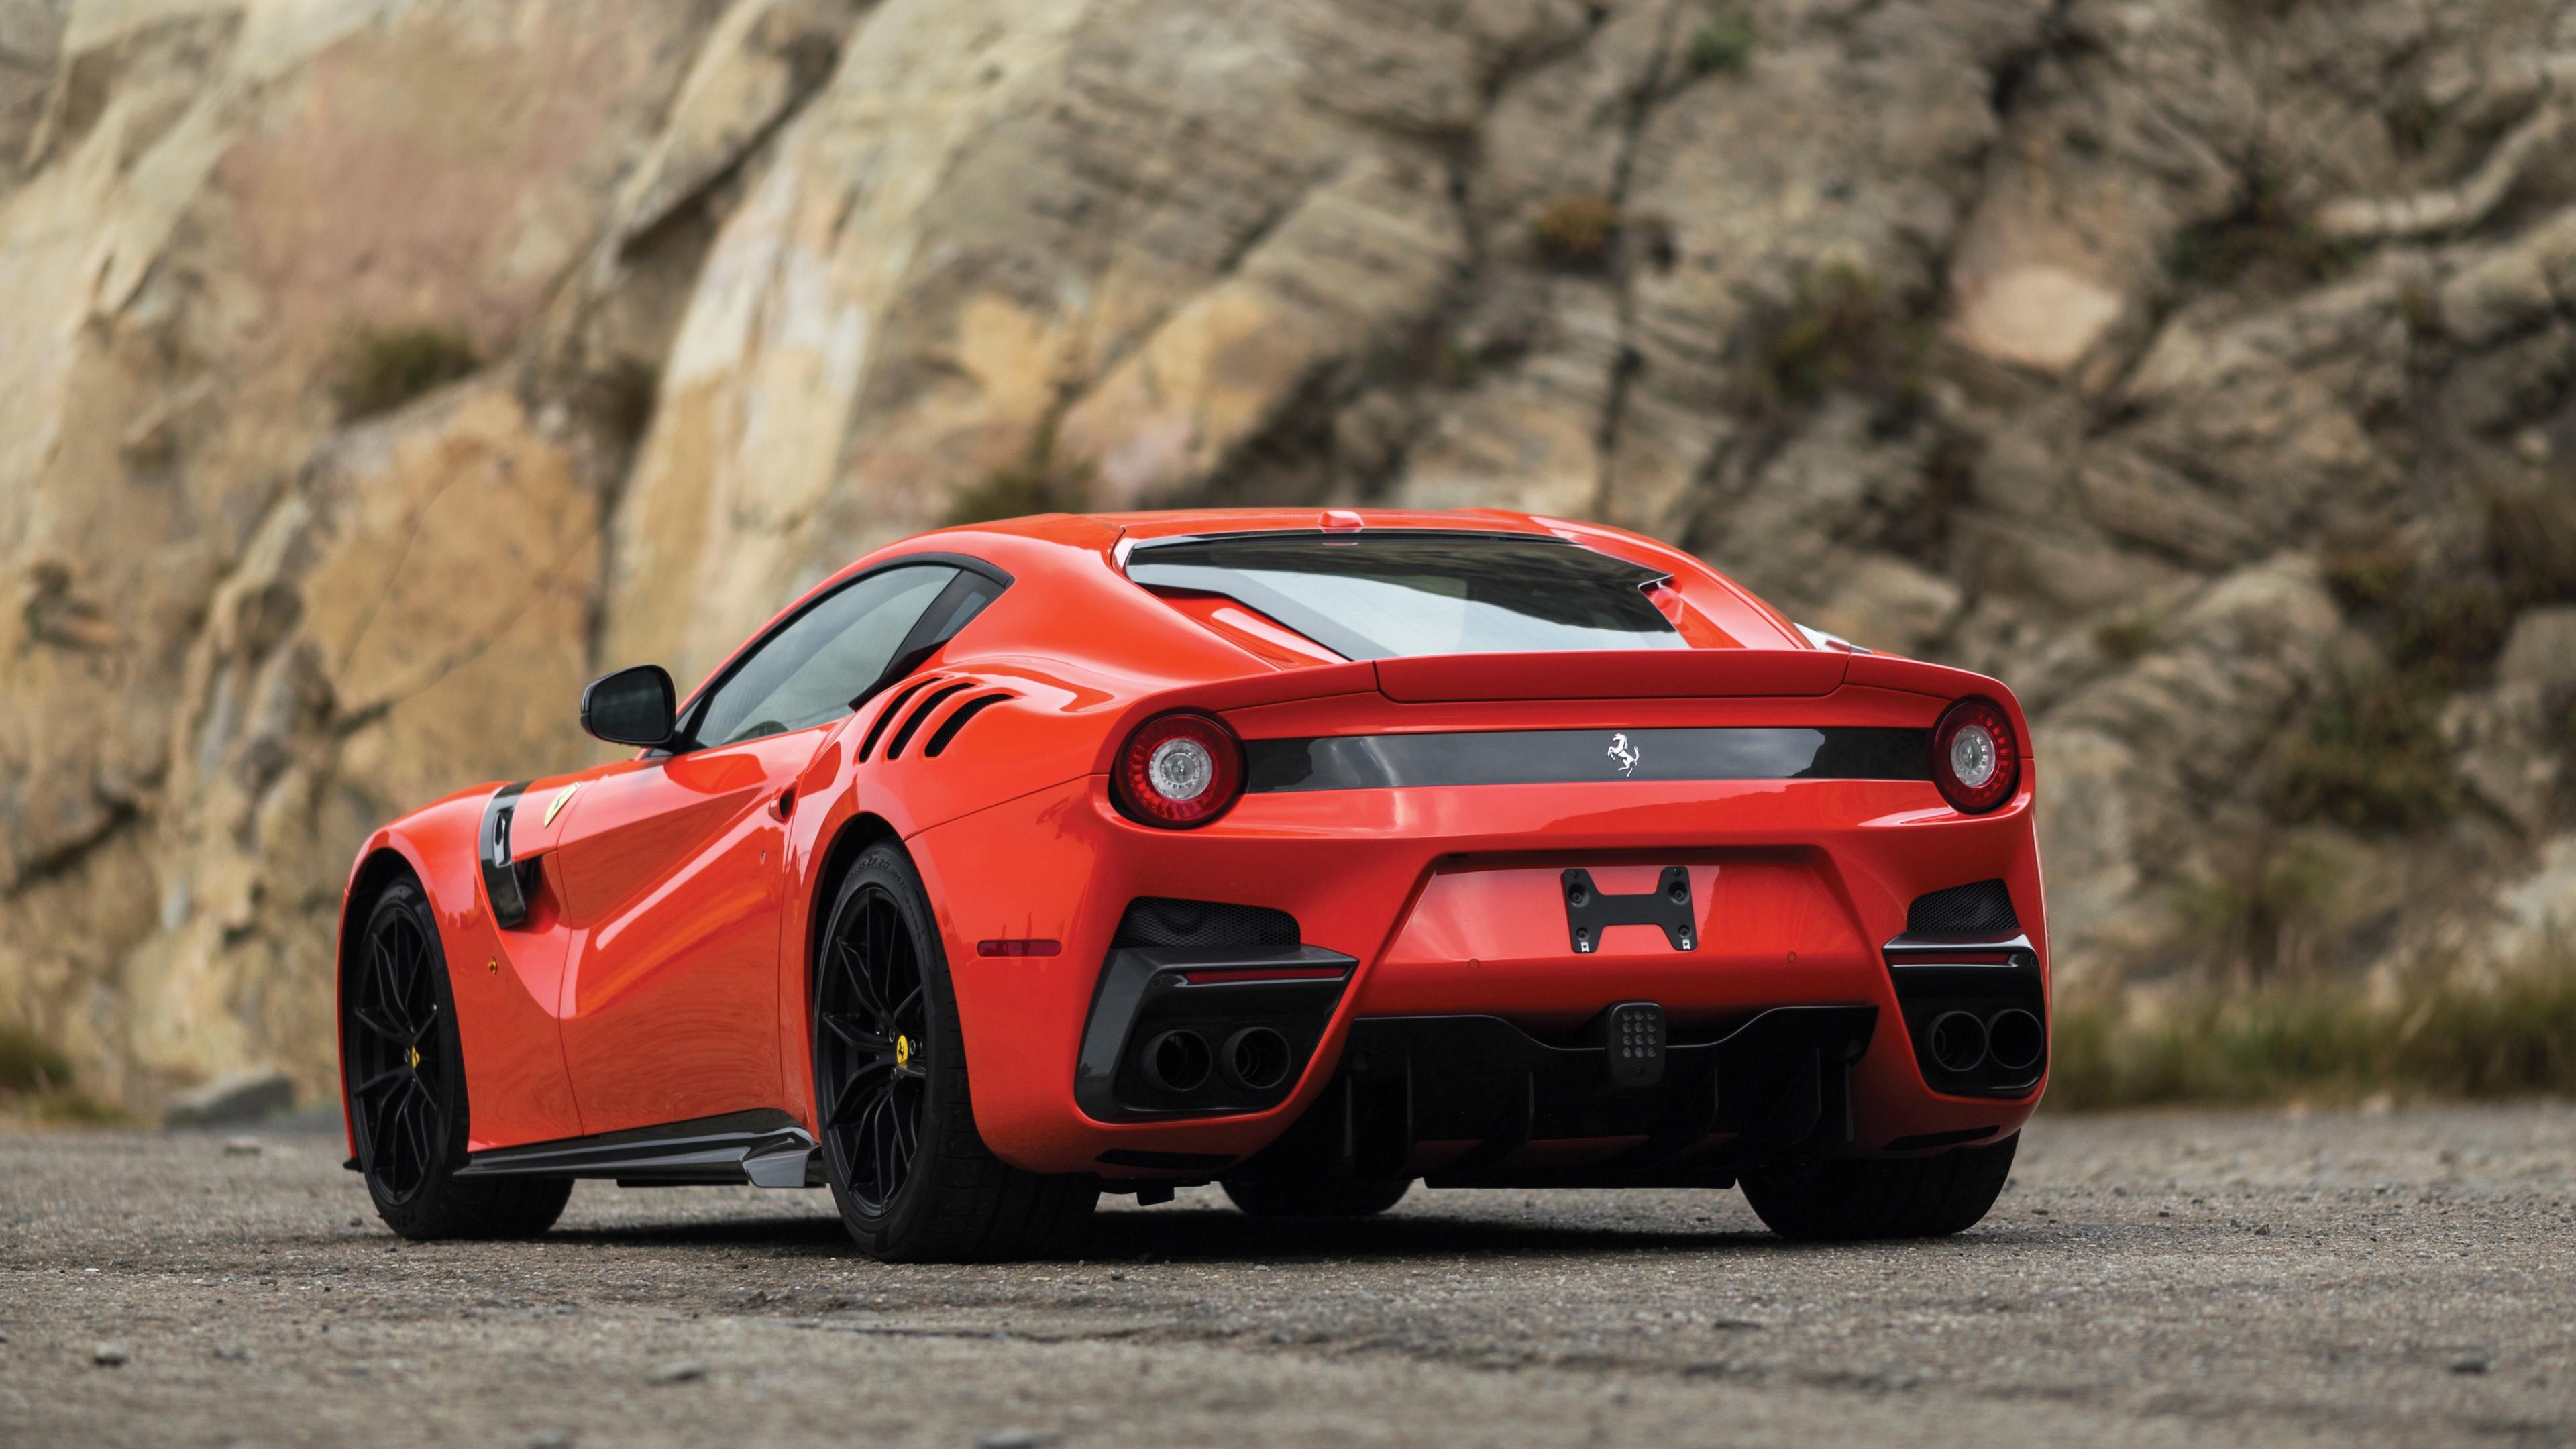 Ferrari F12tdf 2017 4K 2 Wallpaper | HD Car Wallpapers ...